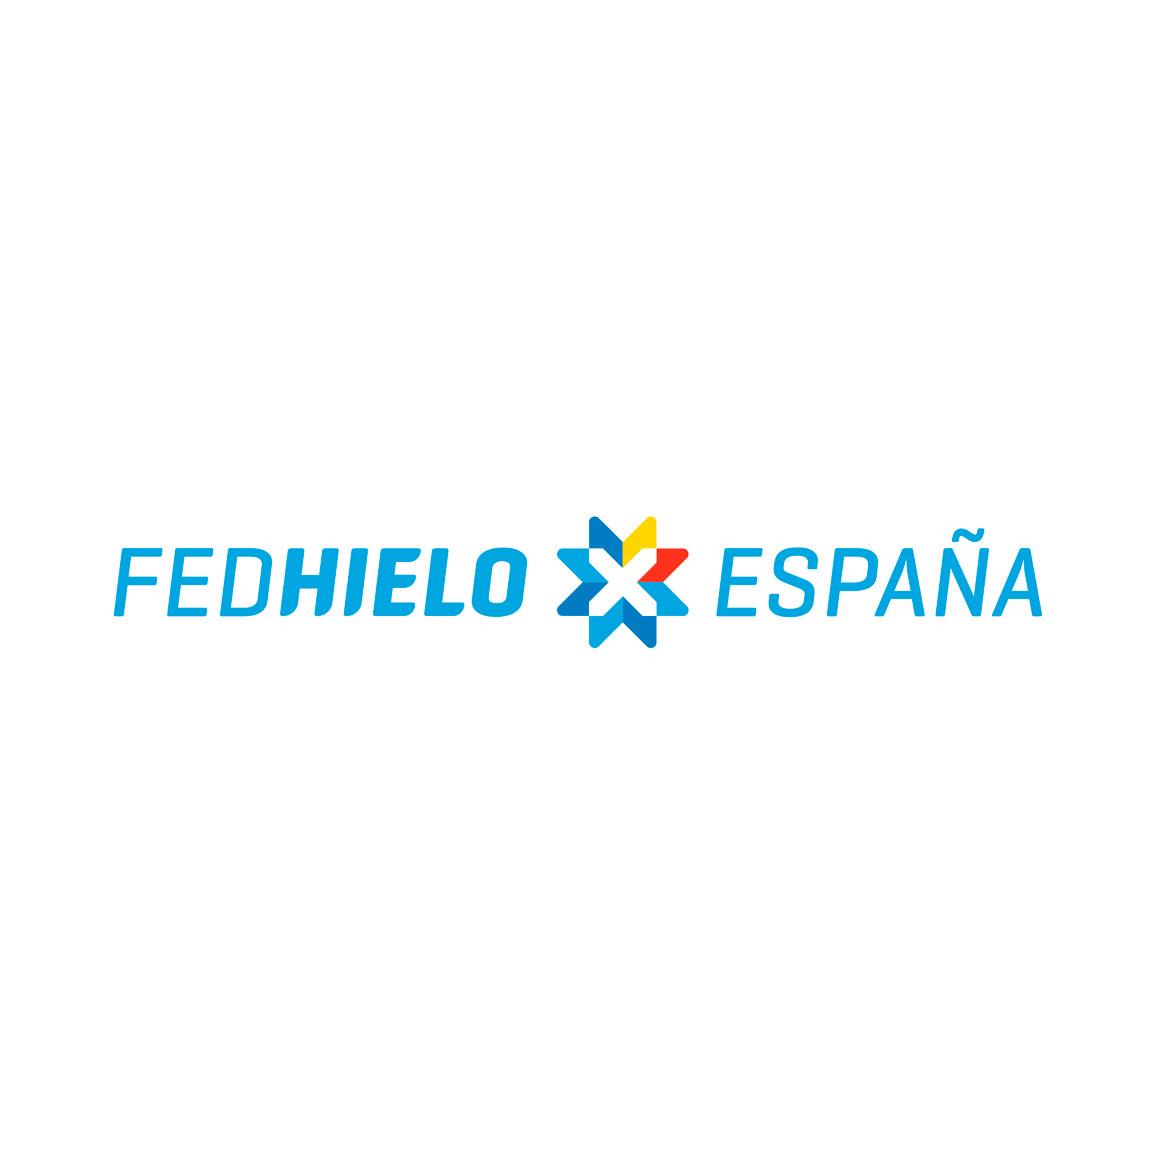 FEDHIELO. Real Federación Española Deportes de Hielo | logo